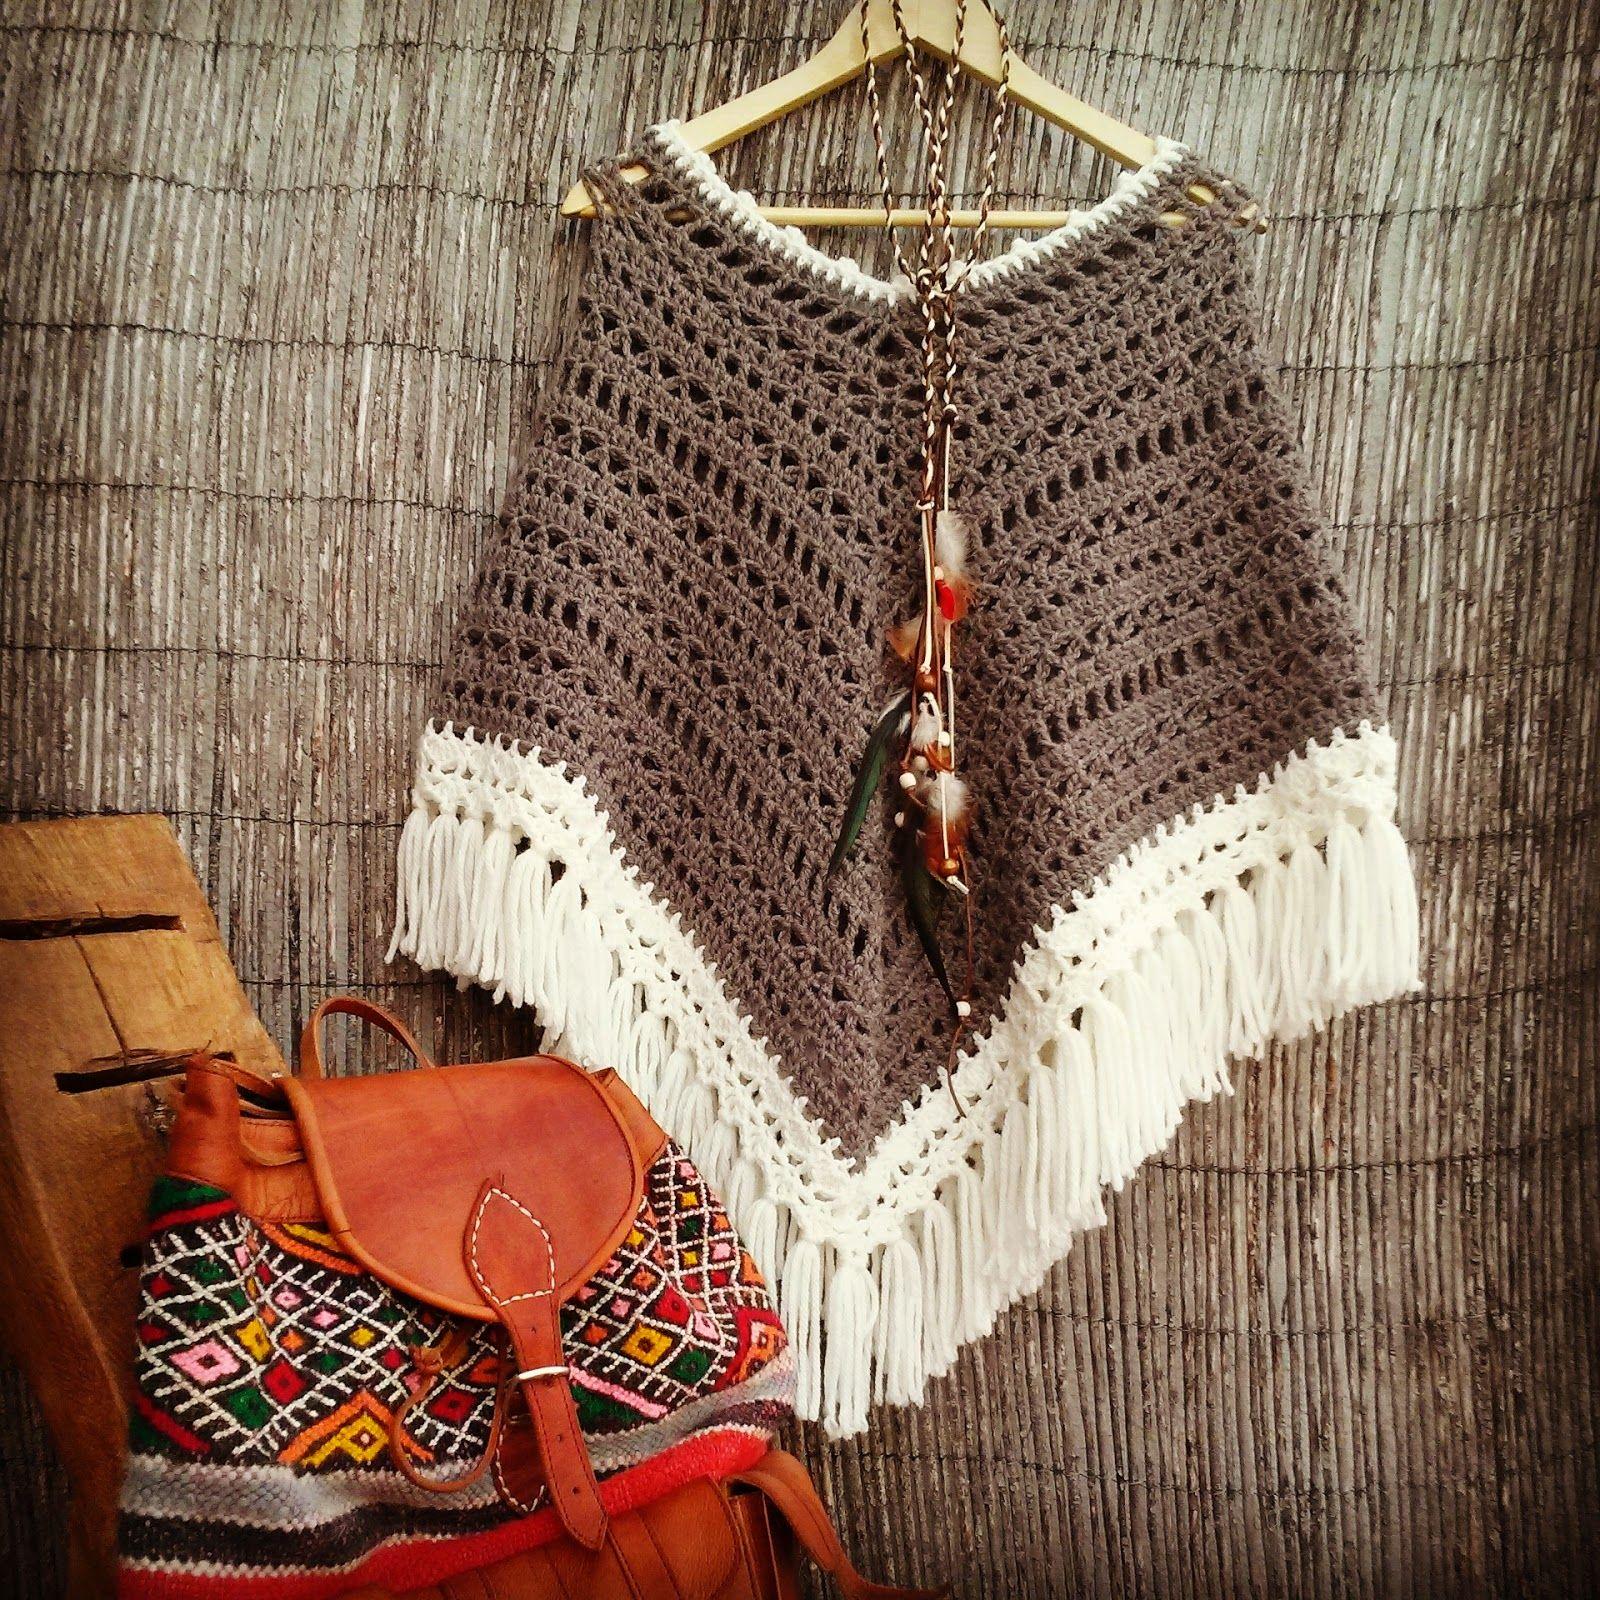 Pin von Fiona C auf crochet and knitting | Pinterest | Häkeln ...